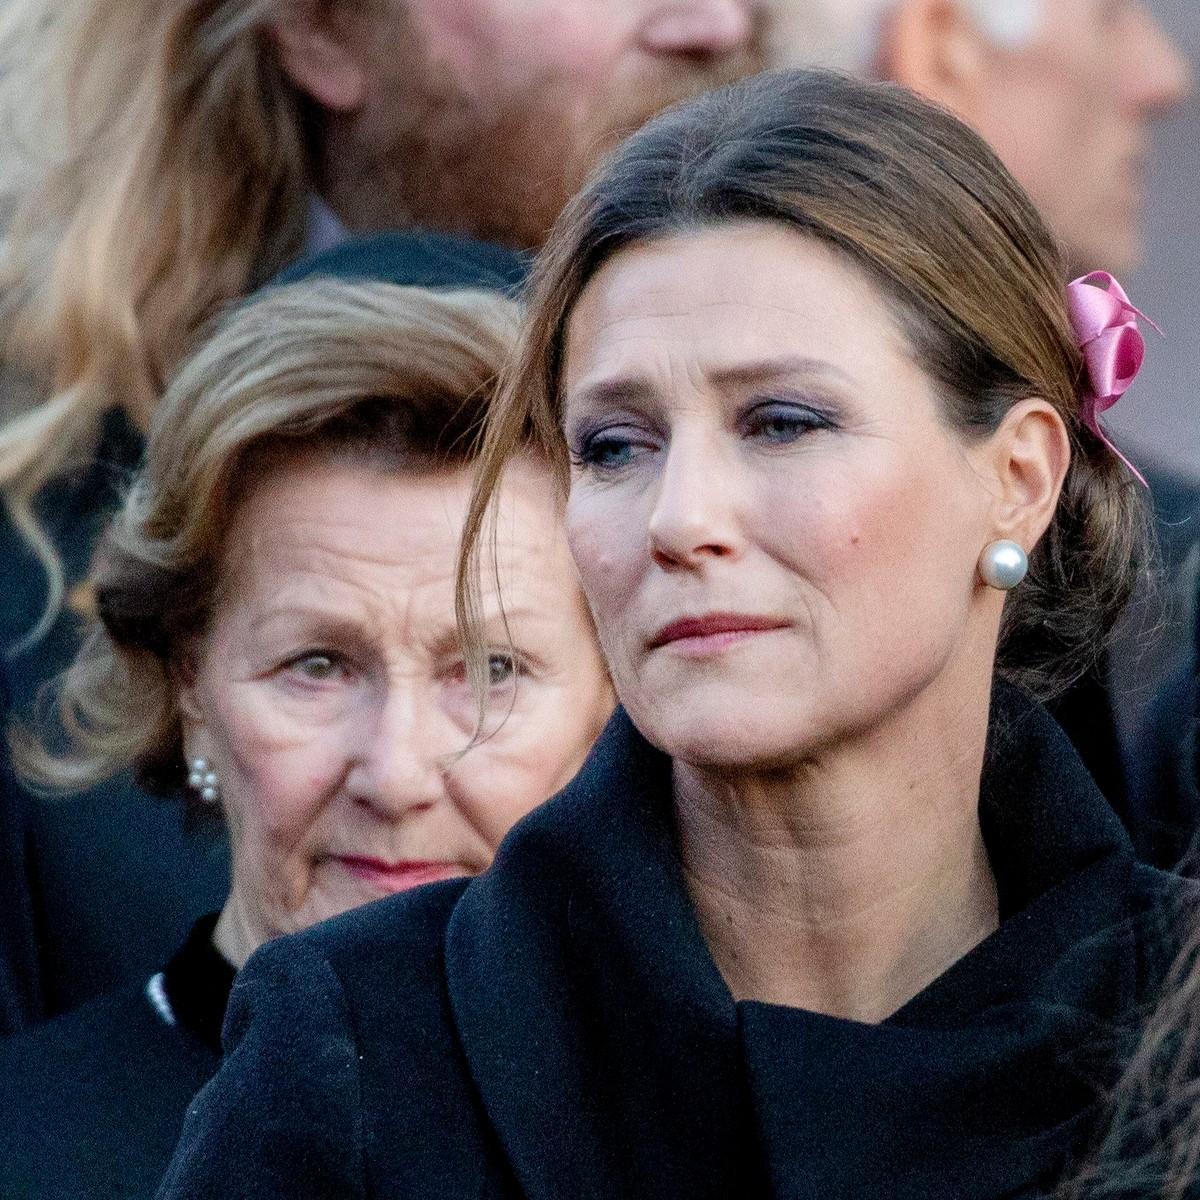 Martha Louise Etter Ari Behns Dod Du Er Og Vil Fortsette A Vaere Dypt Savnet Nrk Norge Oversikt Over Nyheter Fra Ulike Deler Av Landet